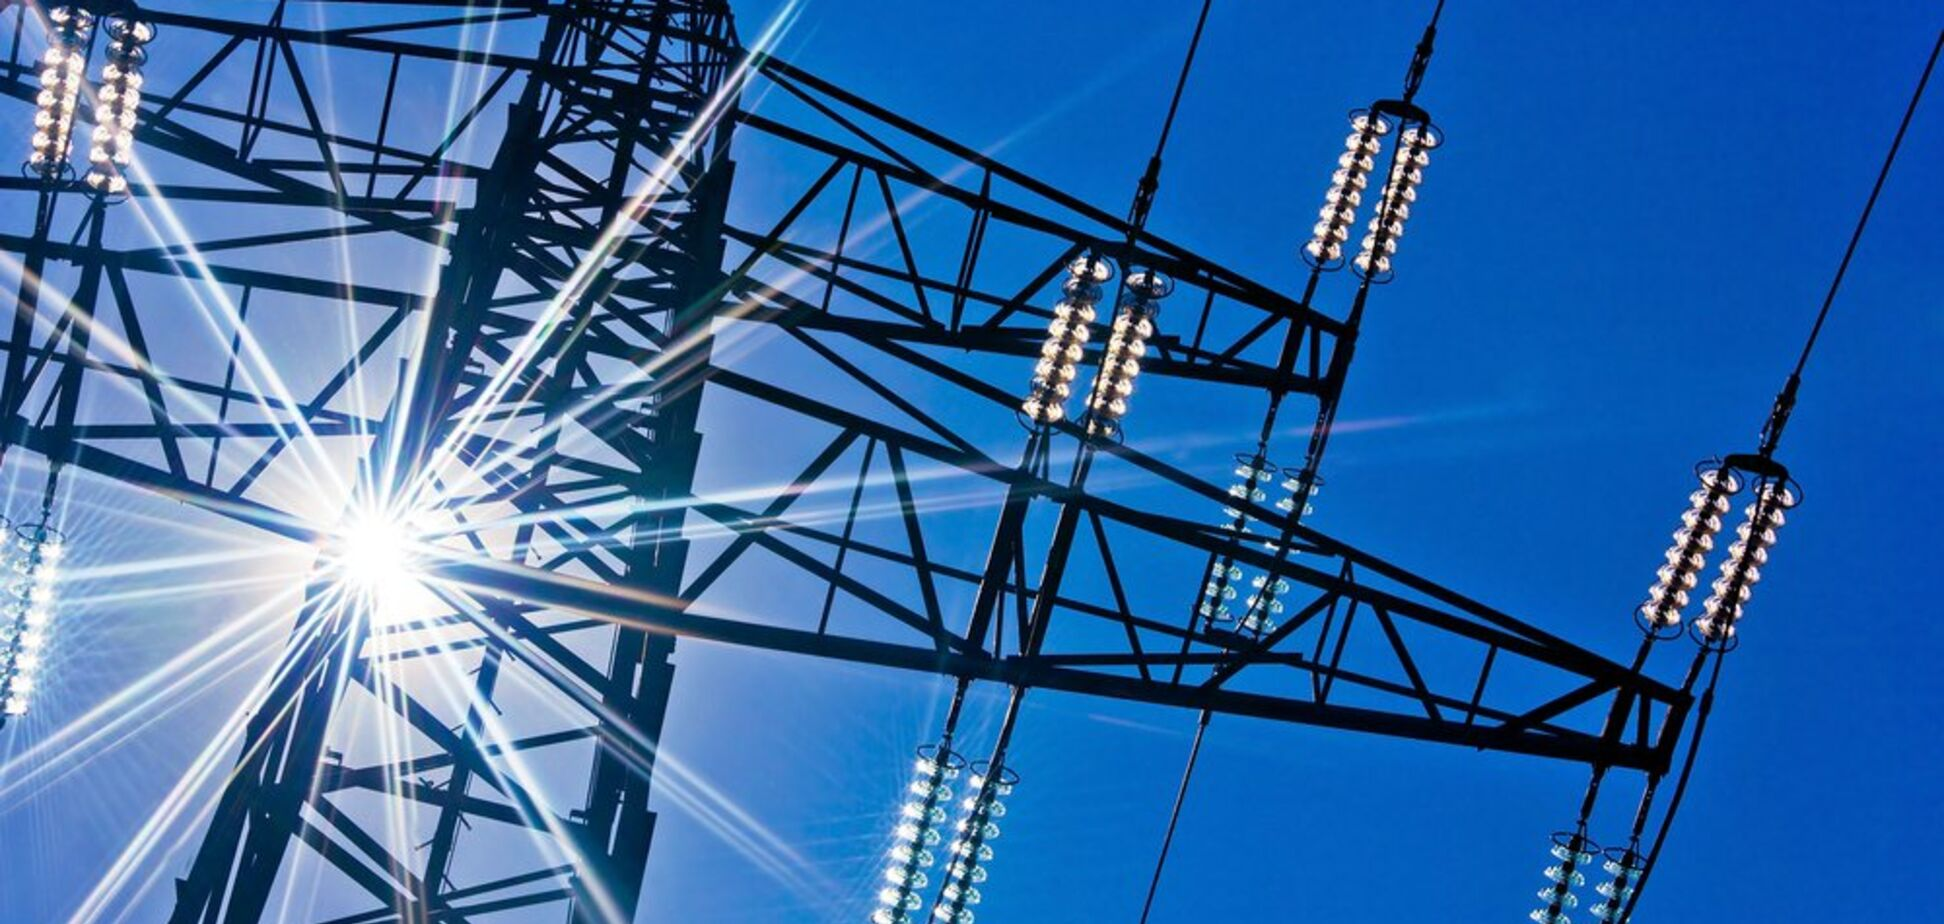 ДТЭК Сети открыл доступ к новым онлайн-картам электросетей